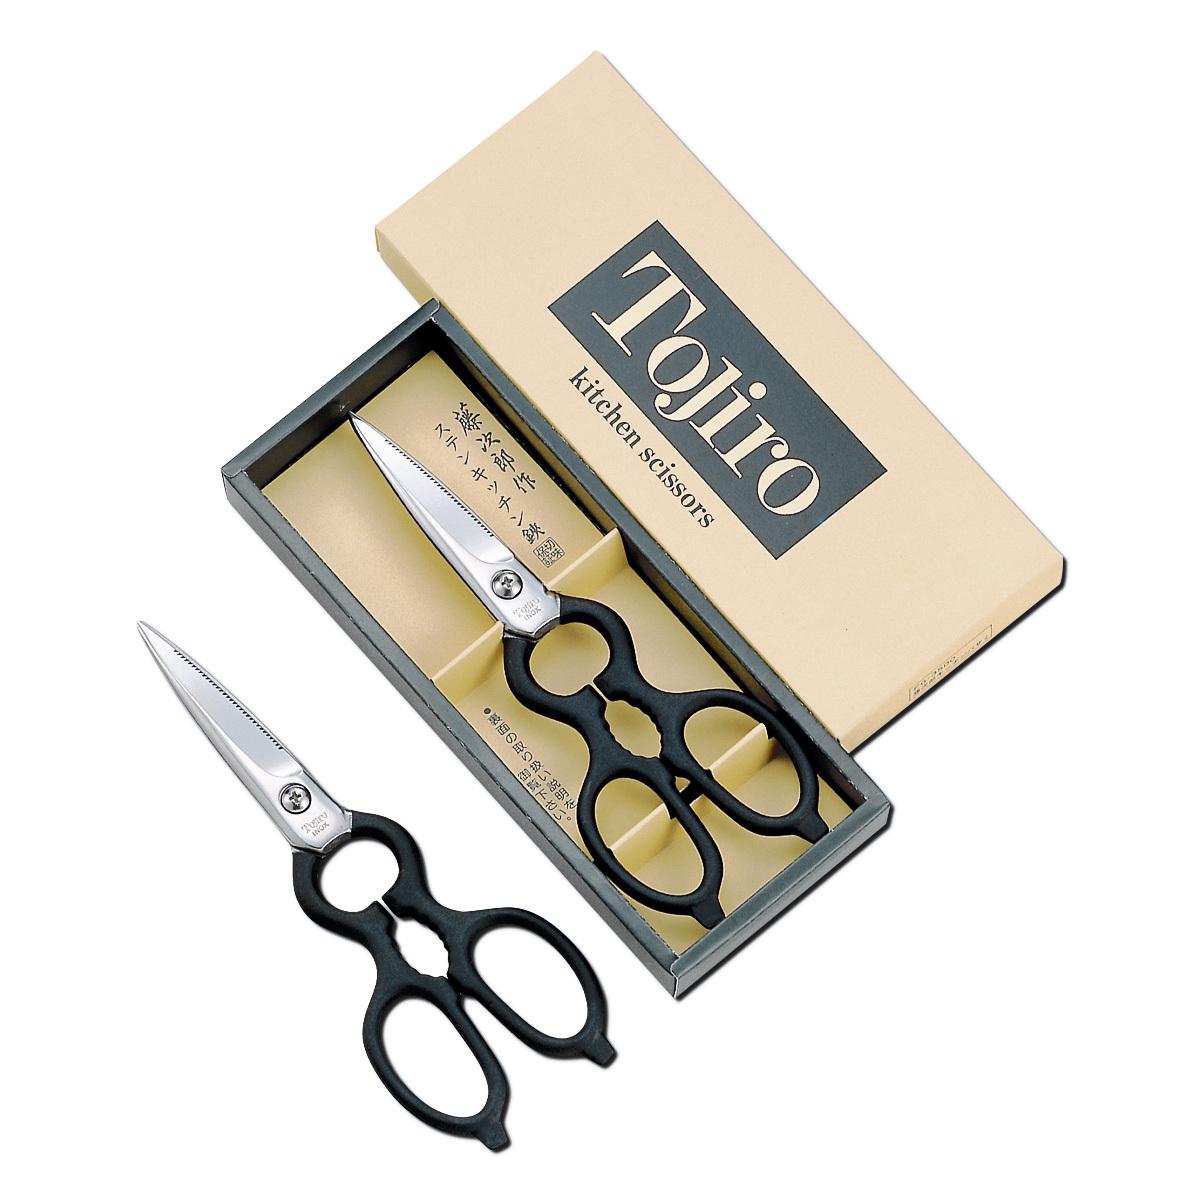 Кухонные ножницы FG-3500, сталь Sus420J2, Tojiro ножницы кухонные nouvelle ножницы кухонные